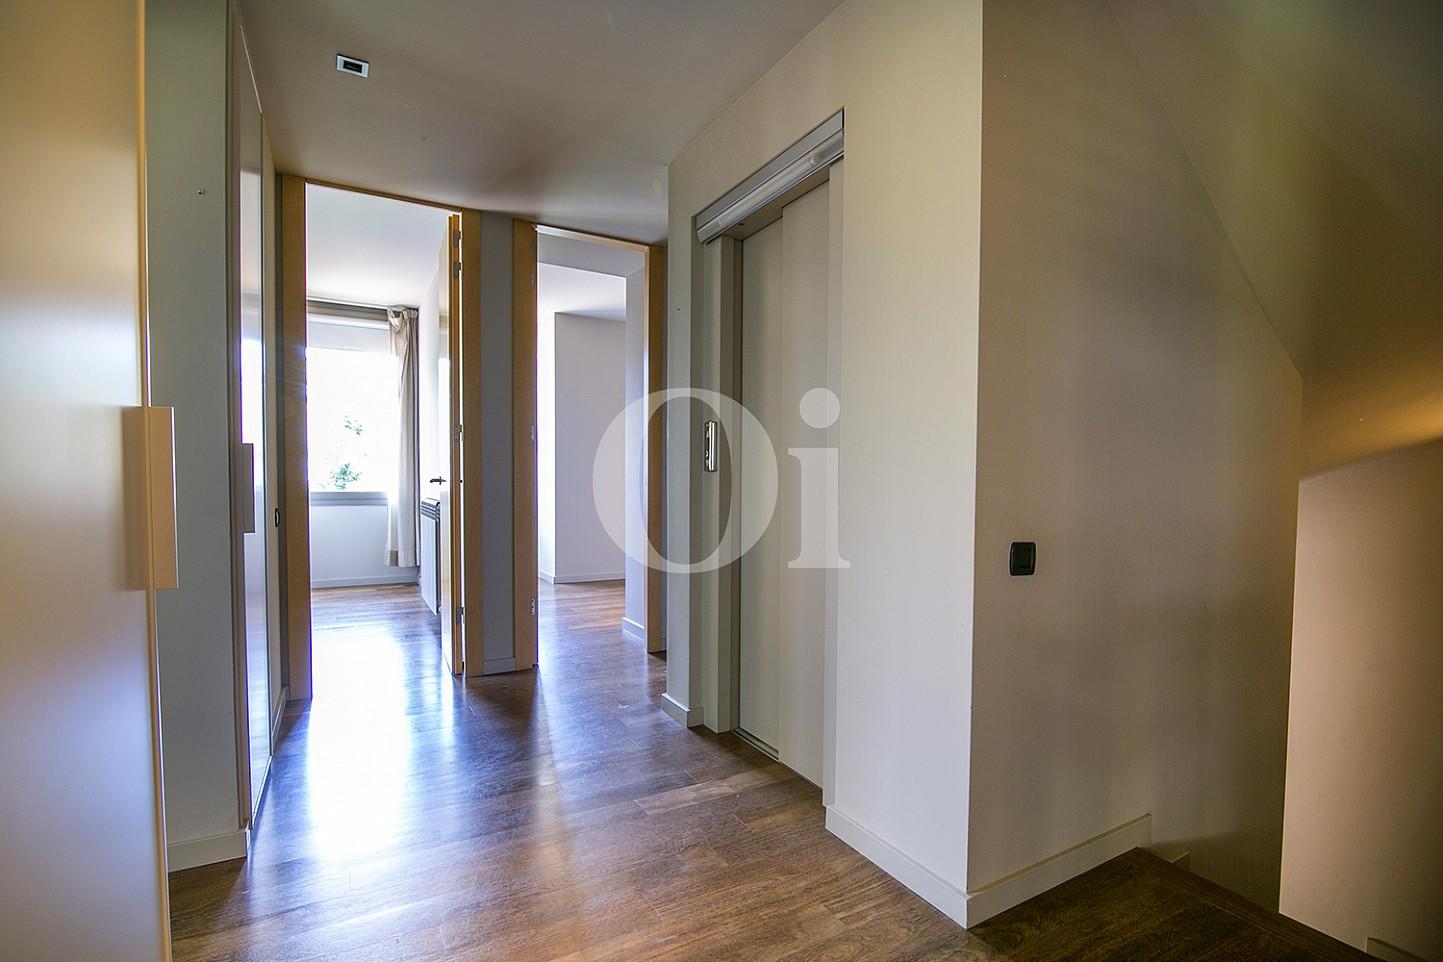 vista de planta rpimera de casa de lujo en venta en la zona alta de Barcelona